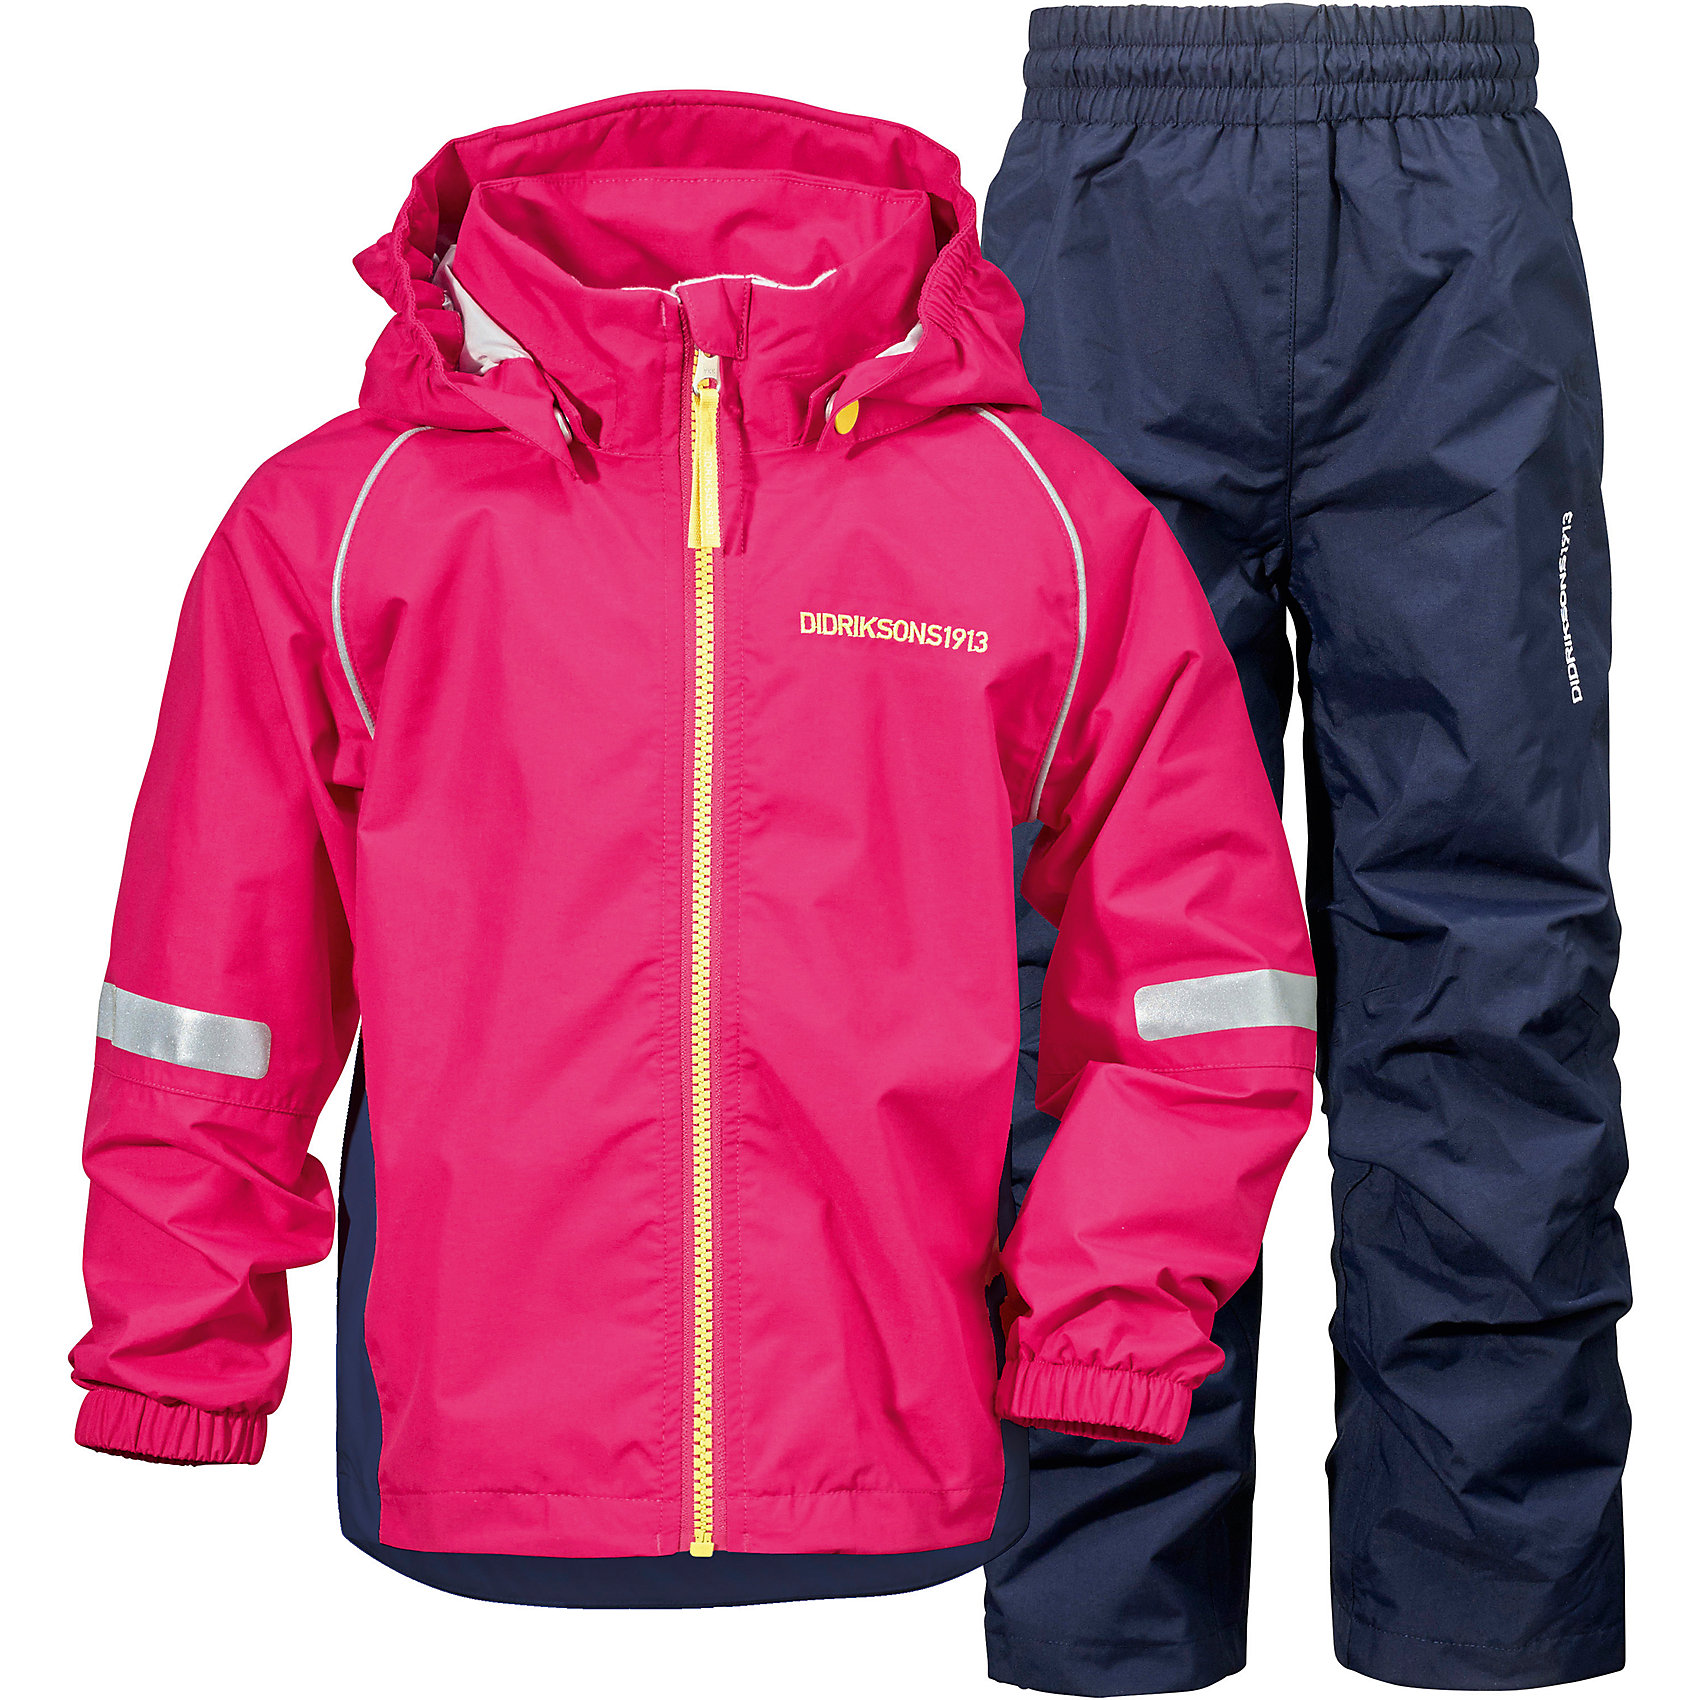 Комплект ZVORO для девочки DIDRIKSONSВерхняя одежда<br>Костюм  из непромокаемой и непродуваемой мембранной ткани. Все швы проклеены, что обеспечивает максимальную защиту от внешней влаги. Подкладка из полиэстера.  Светоотражатели. Модель растет вместе с ребенком: уникальный крой изделия позволяет при необходимости увеличить длину рукавов и штанин на один размер, распустив специальный внутренний шов. Практичная демисезонная модель - идеальный вариант для прогулок на свежем воздухе в весеннюю или осеннюю пору.  <br>Состав:<br>Верх - 100% полиэстер, подкладка - 100% полиэстер<br><br>Ширина мм: 356<br>Глубина мм: 10<br>Высота мм: 245<br>Вес г: 519<br>Цвет: розовый<br>Возраст от месяцев: 96<br>Возраст до месяцев: 108<br>Пол: Женский<br>Возраст: Детский<br>Размер: 130,120,140,80<br>SKU: 5527238